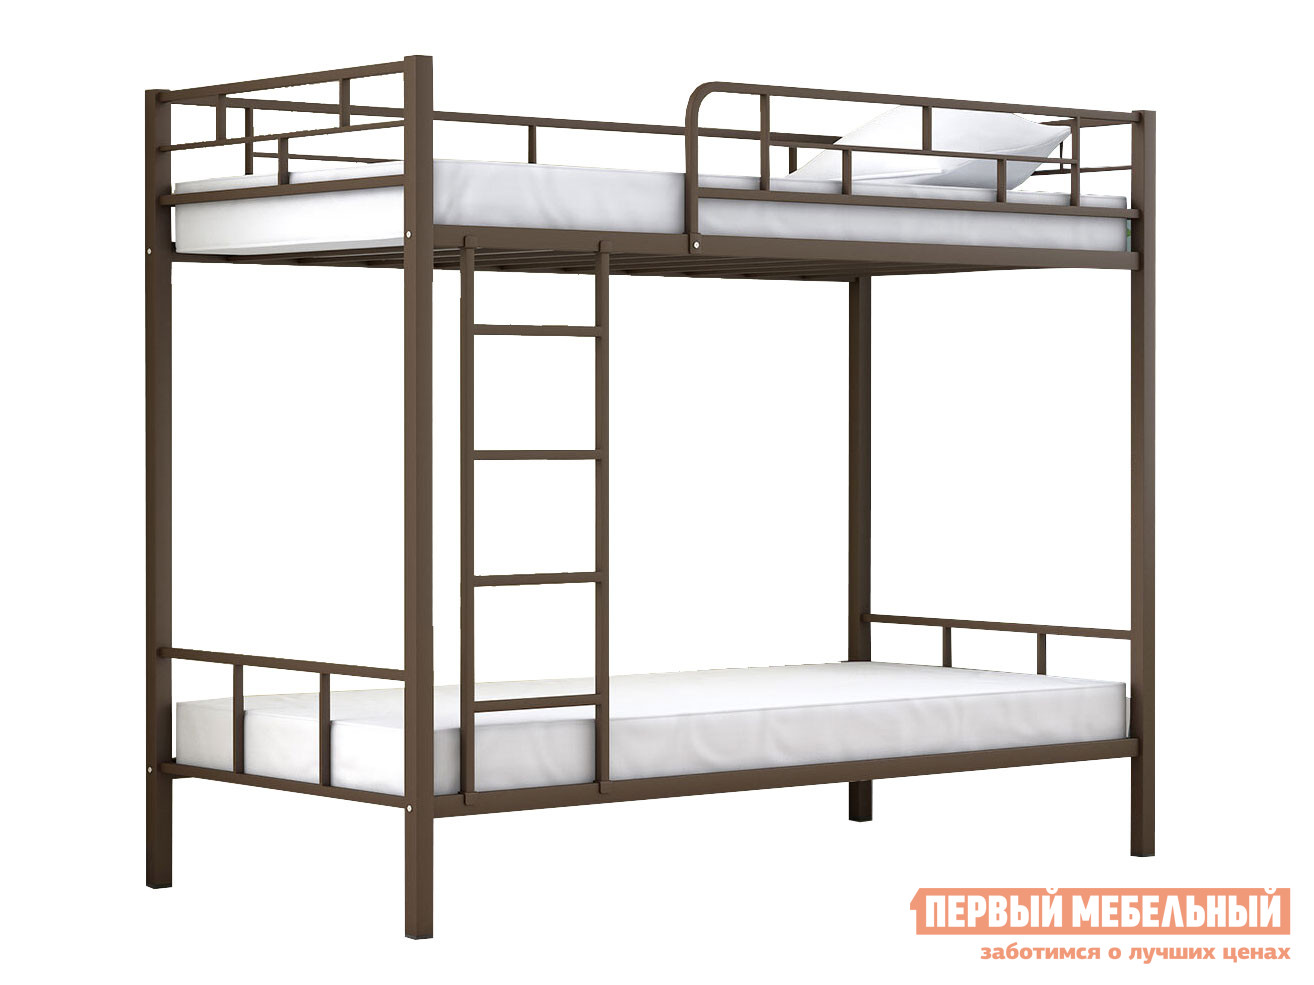 Кровать  Двухъярусная кровать Ницца Коричневый, Венге — Двухъярусная кровать Ницца Коричневый, Венге